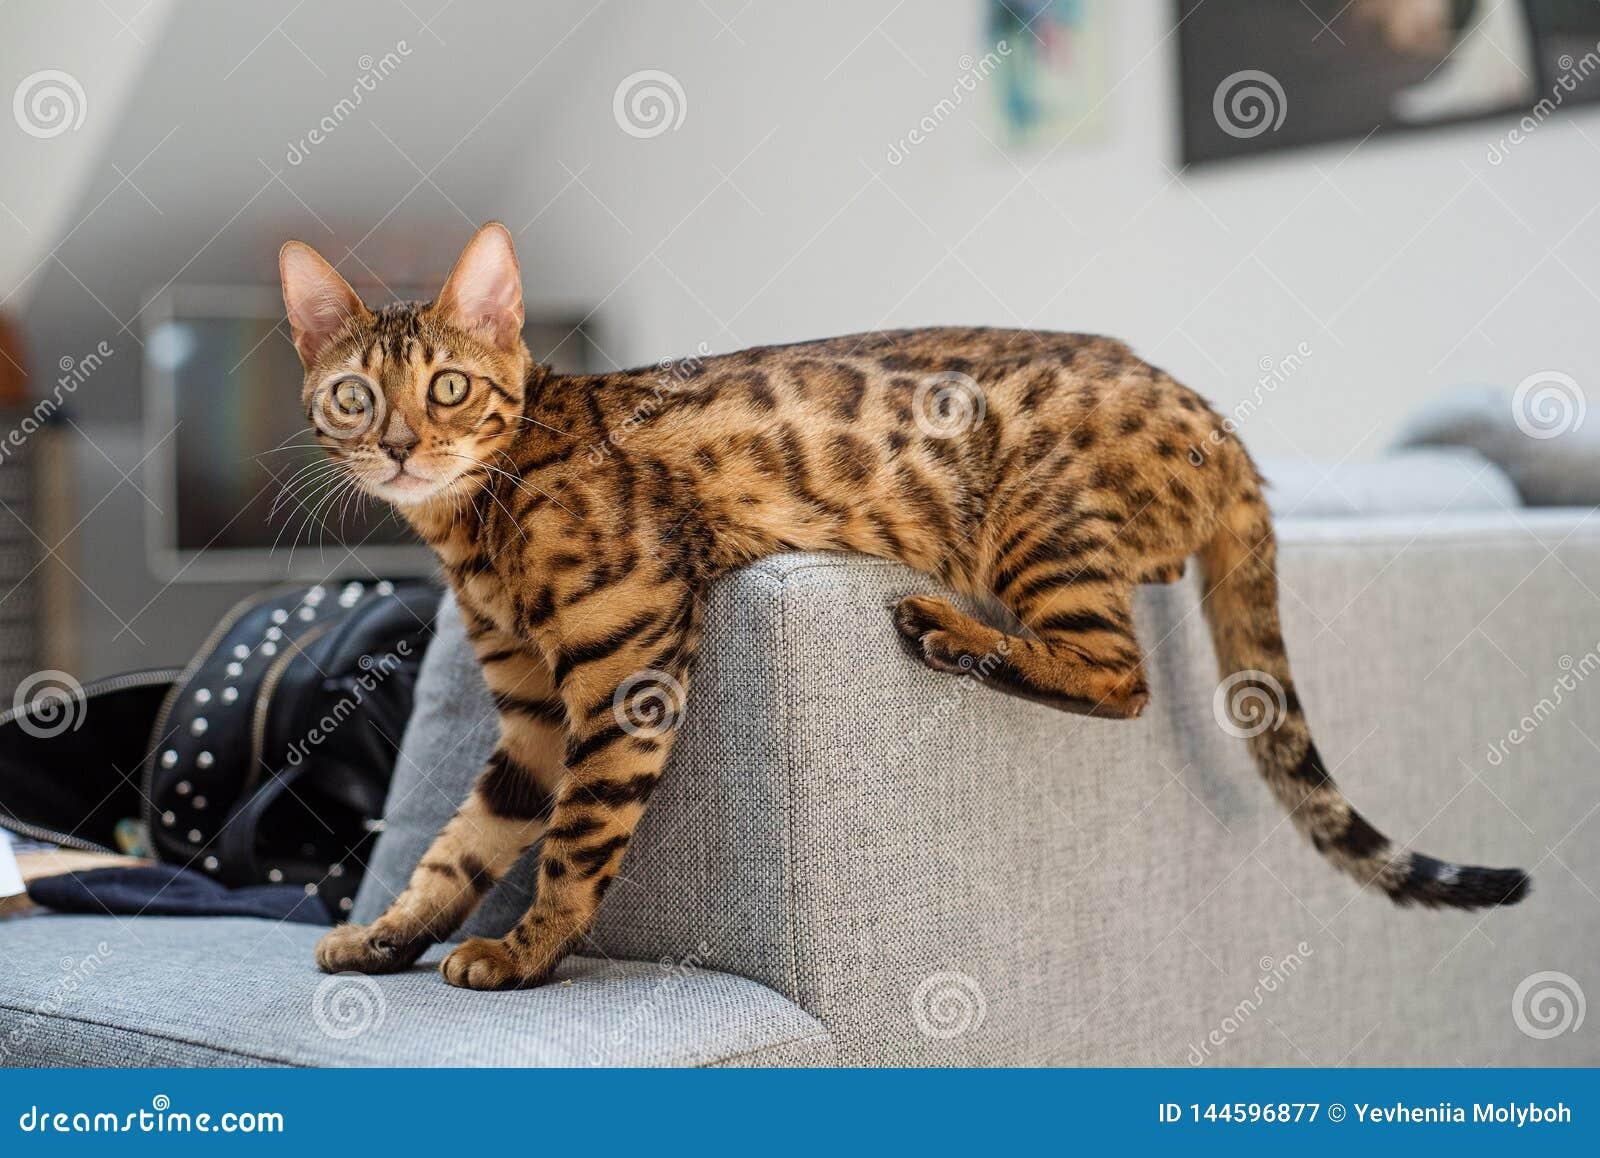 Bengal cat lies on the sofa